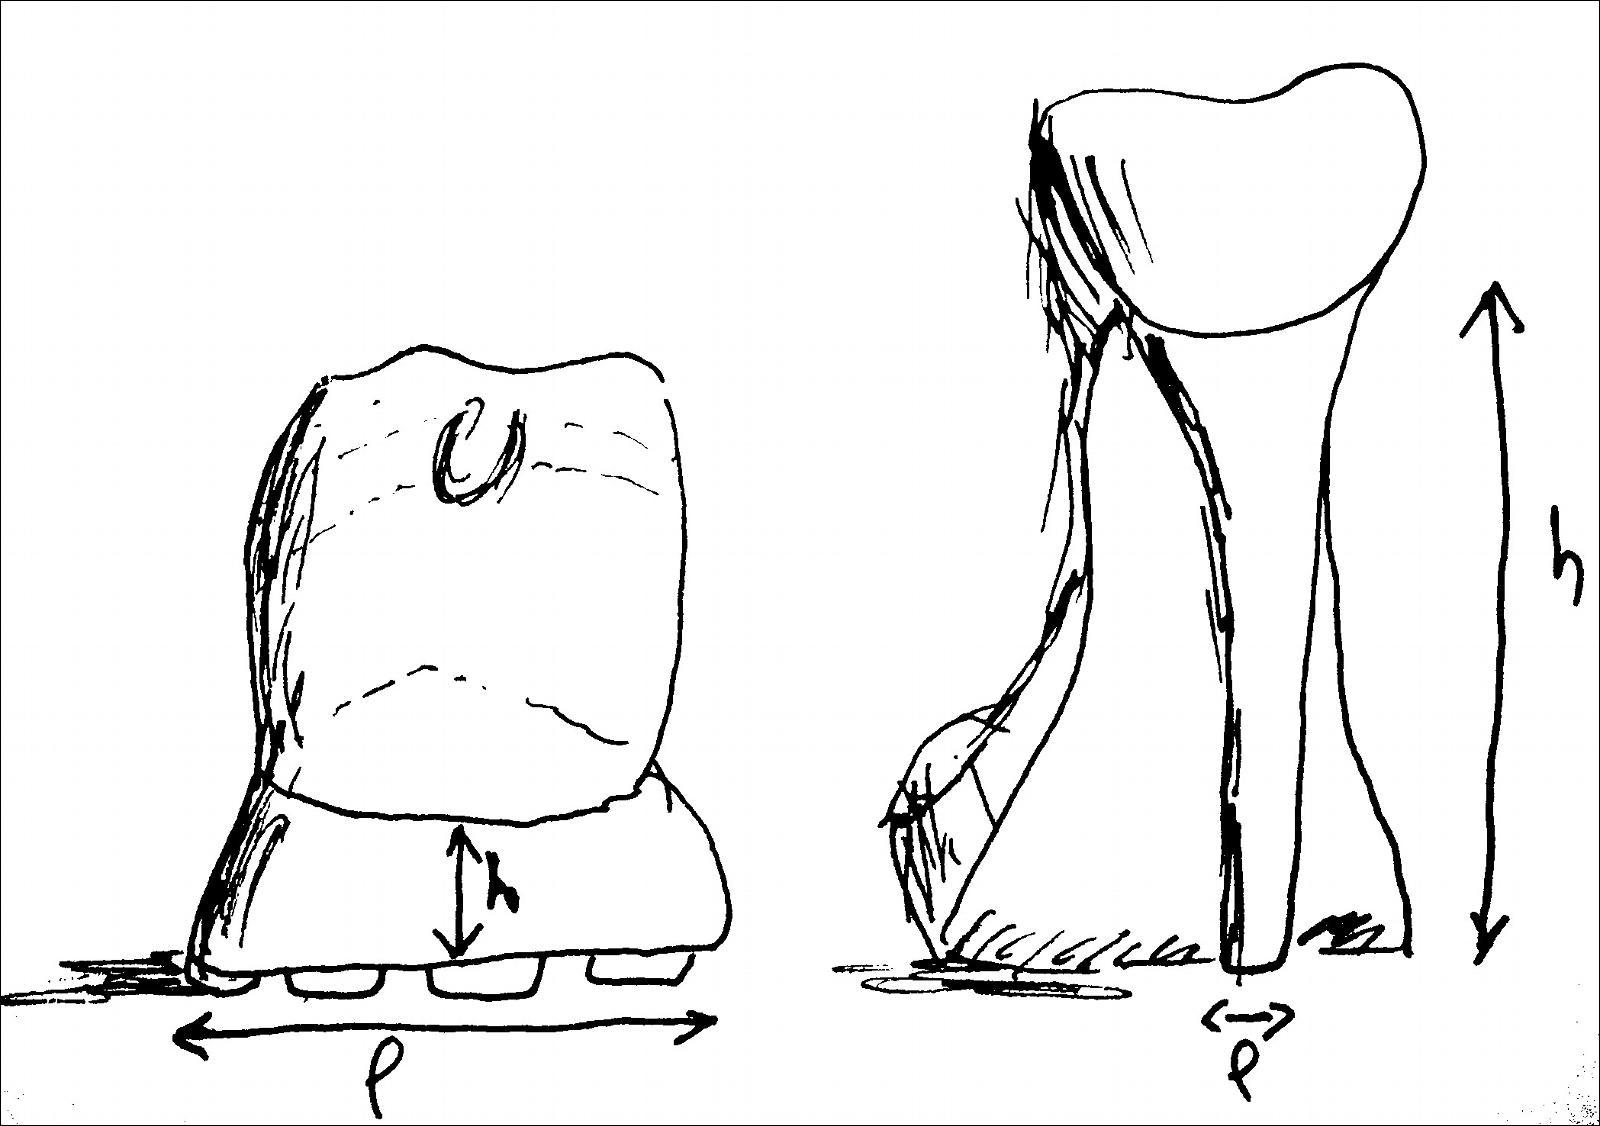 Rapport de stabilité h/l  chaussures vues de dos. h la hauteur du